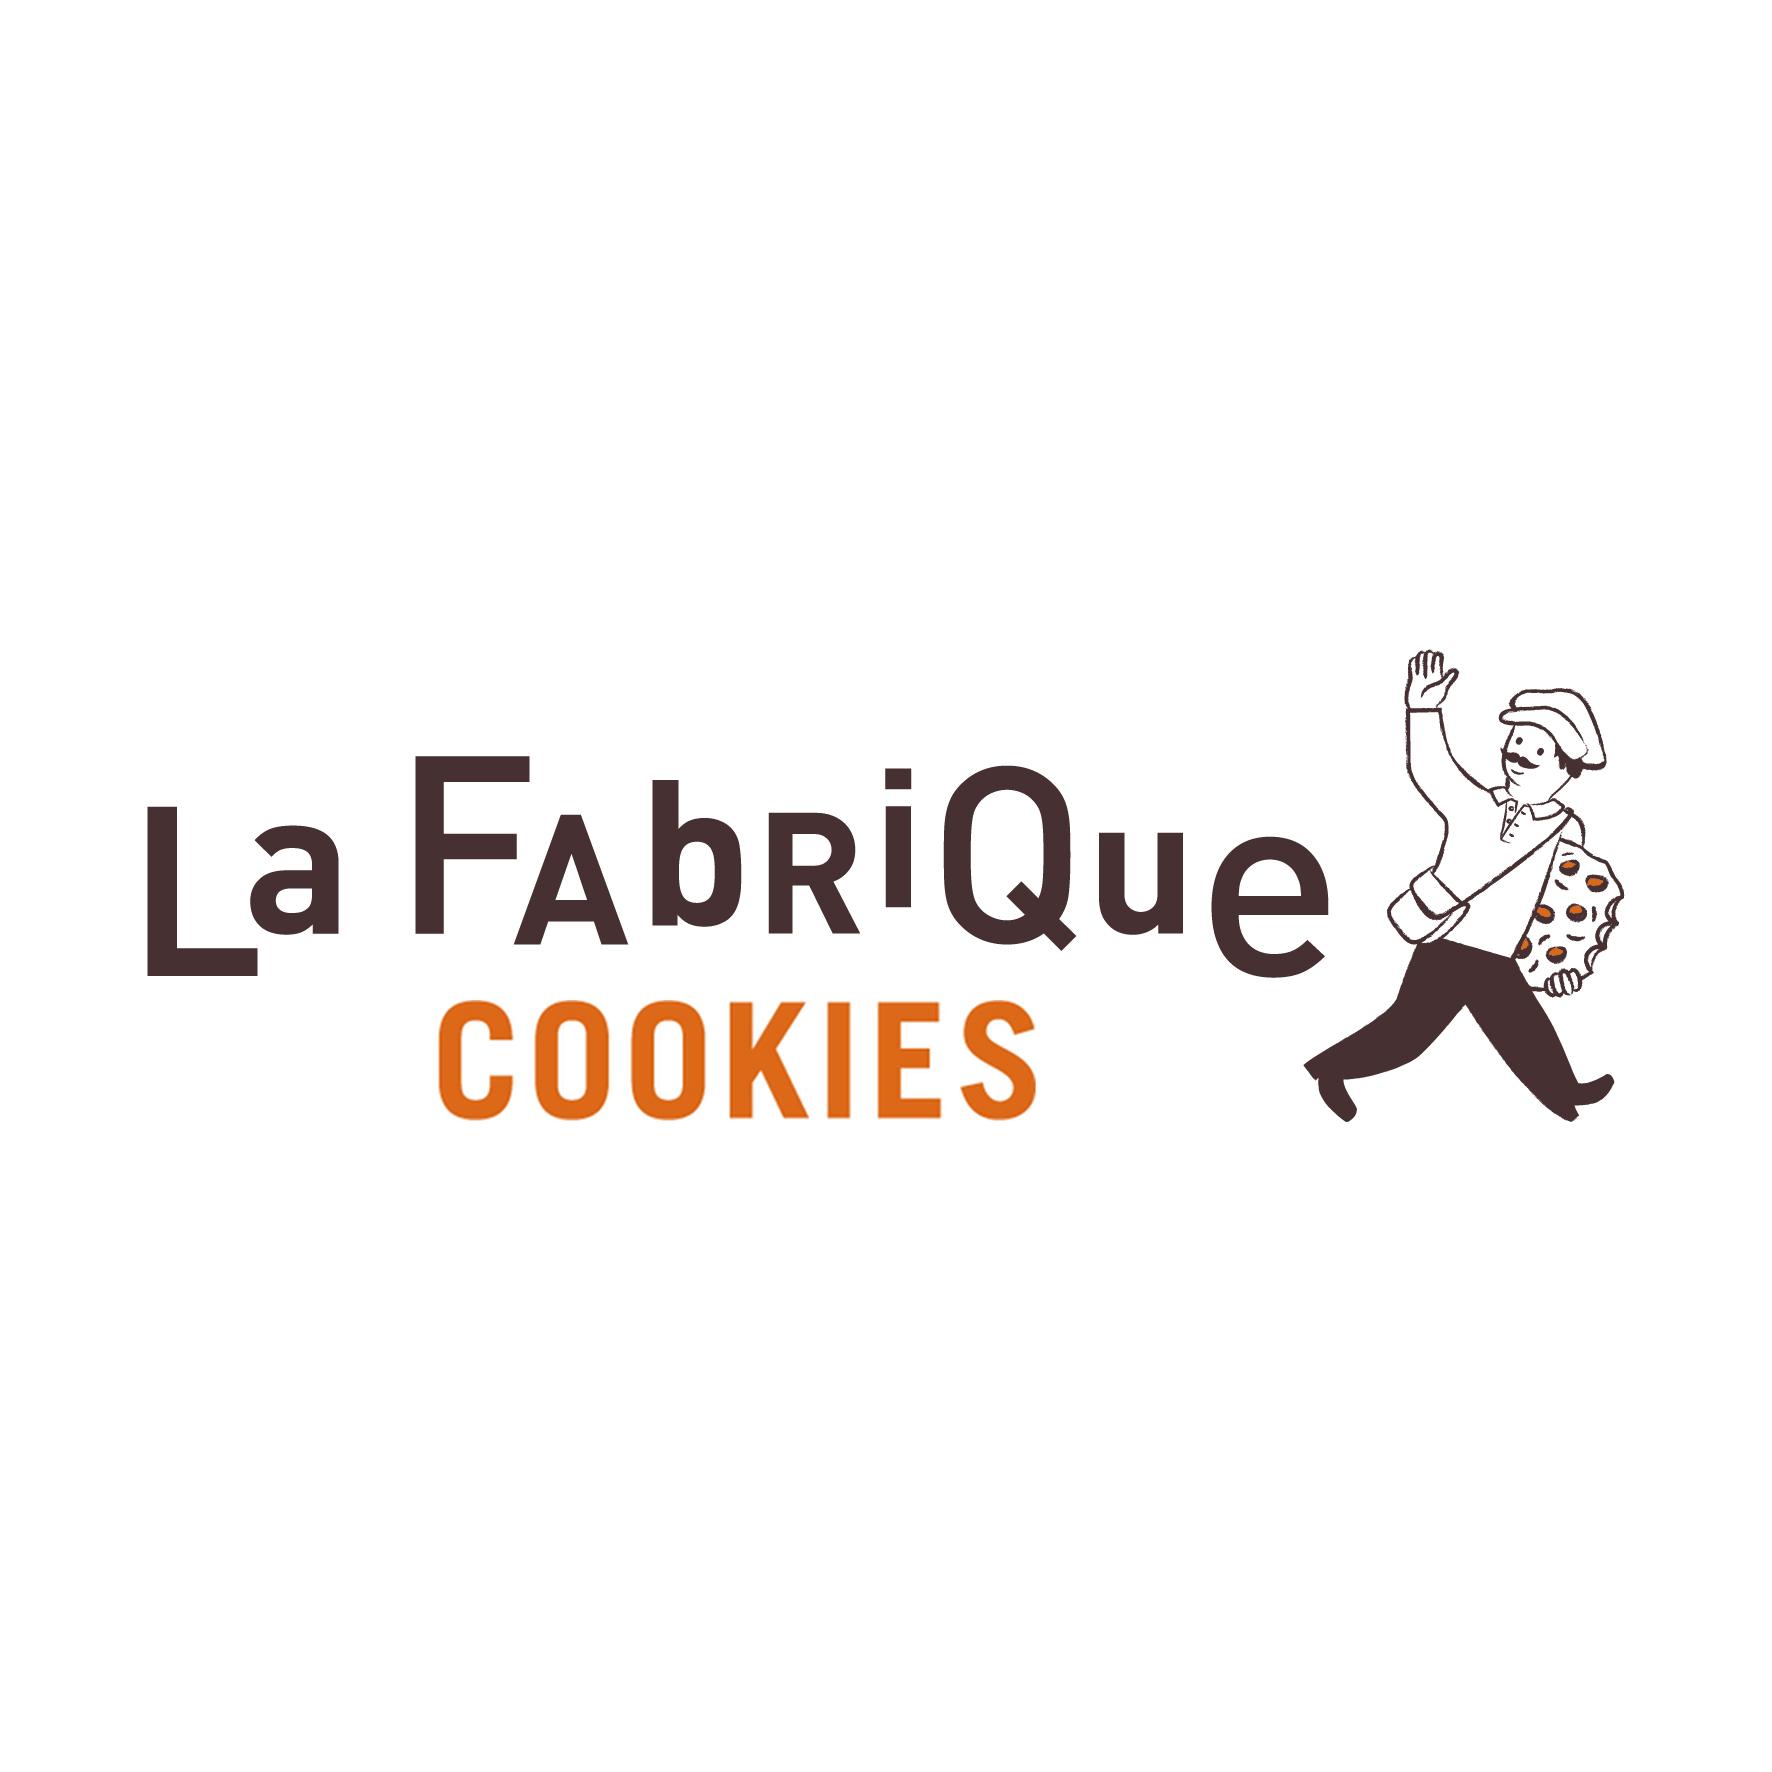 et le prix bforbank de l entrepreneur 2013 est d cern la fabrique cookies espace presse. Black Bedroom Furniture Sets. Home Design Ideas